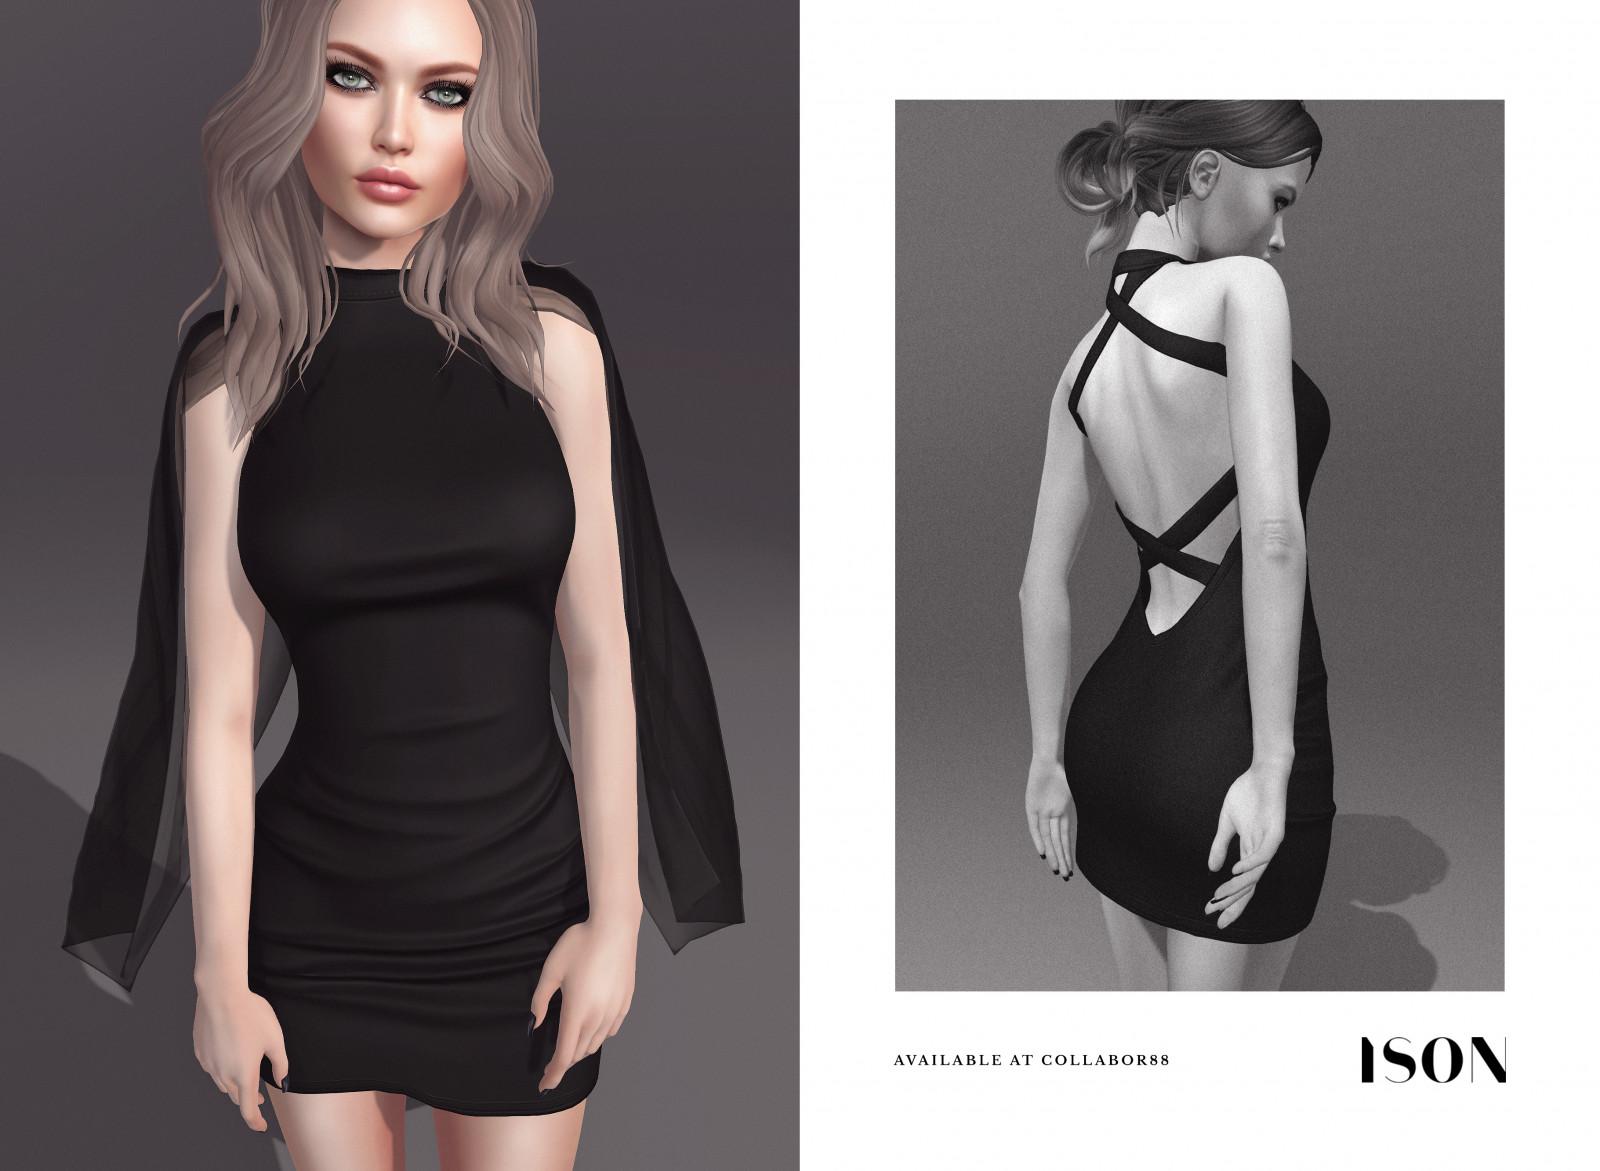 Hintergrundbilder : Modemodell, schwarz, Schönheit, Modell ...